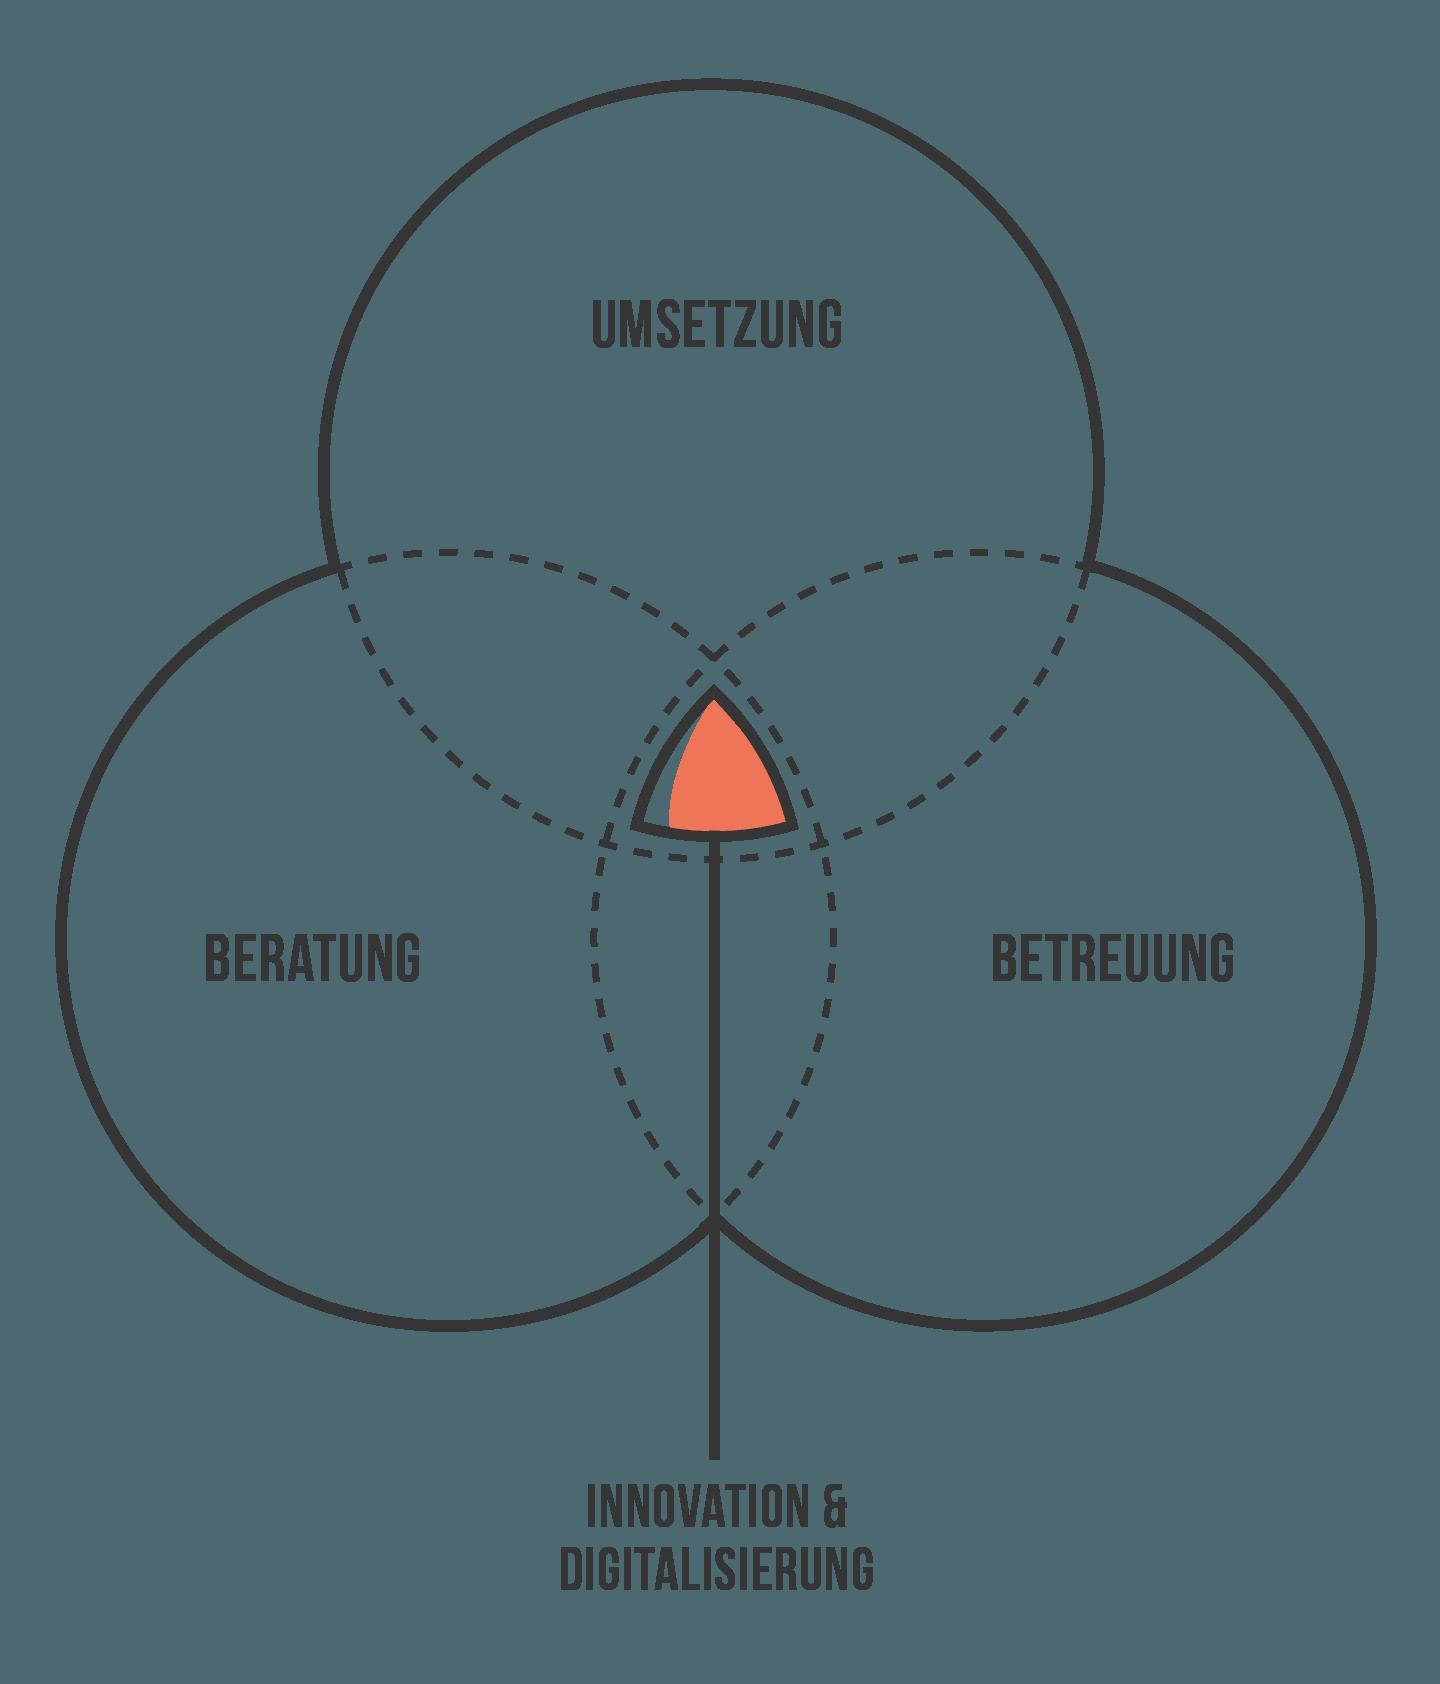 Die Mission der QuadriO Beratungsgesellschaft - Digitale Transformation menschlich & erfolgreich begleiten